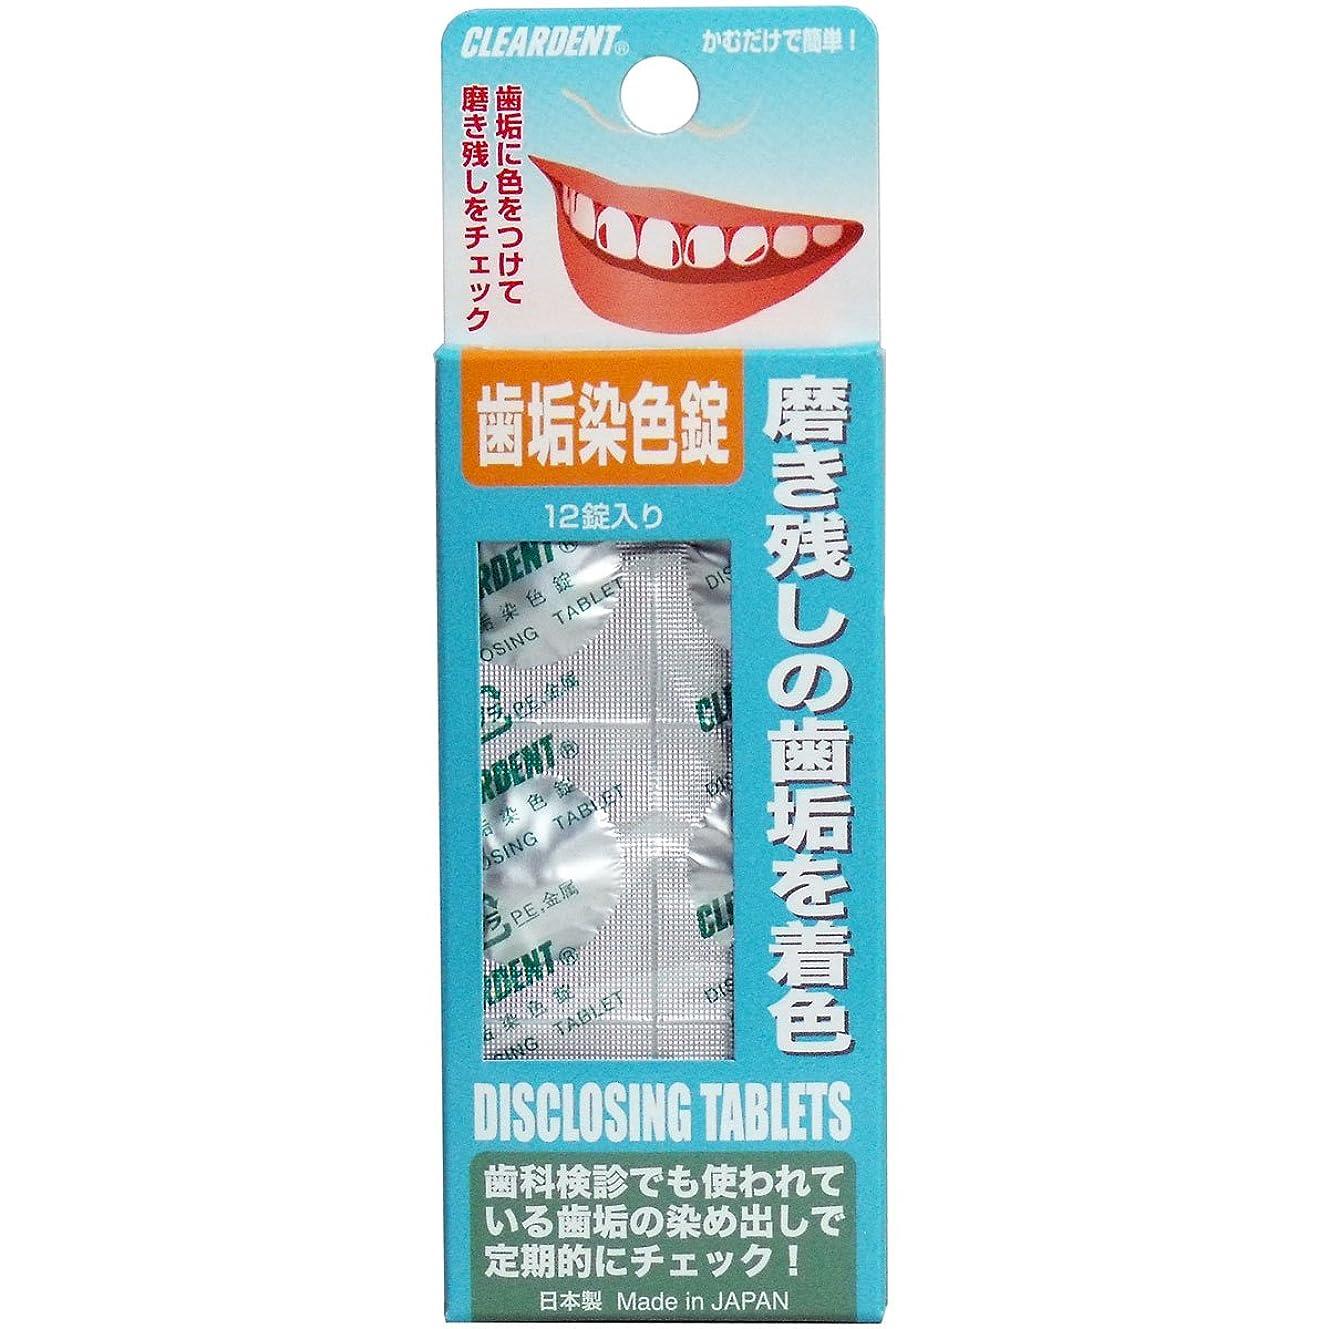 抜本的な外出橋広栄社 クリアデント歯垢染色錠12錠